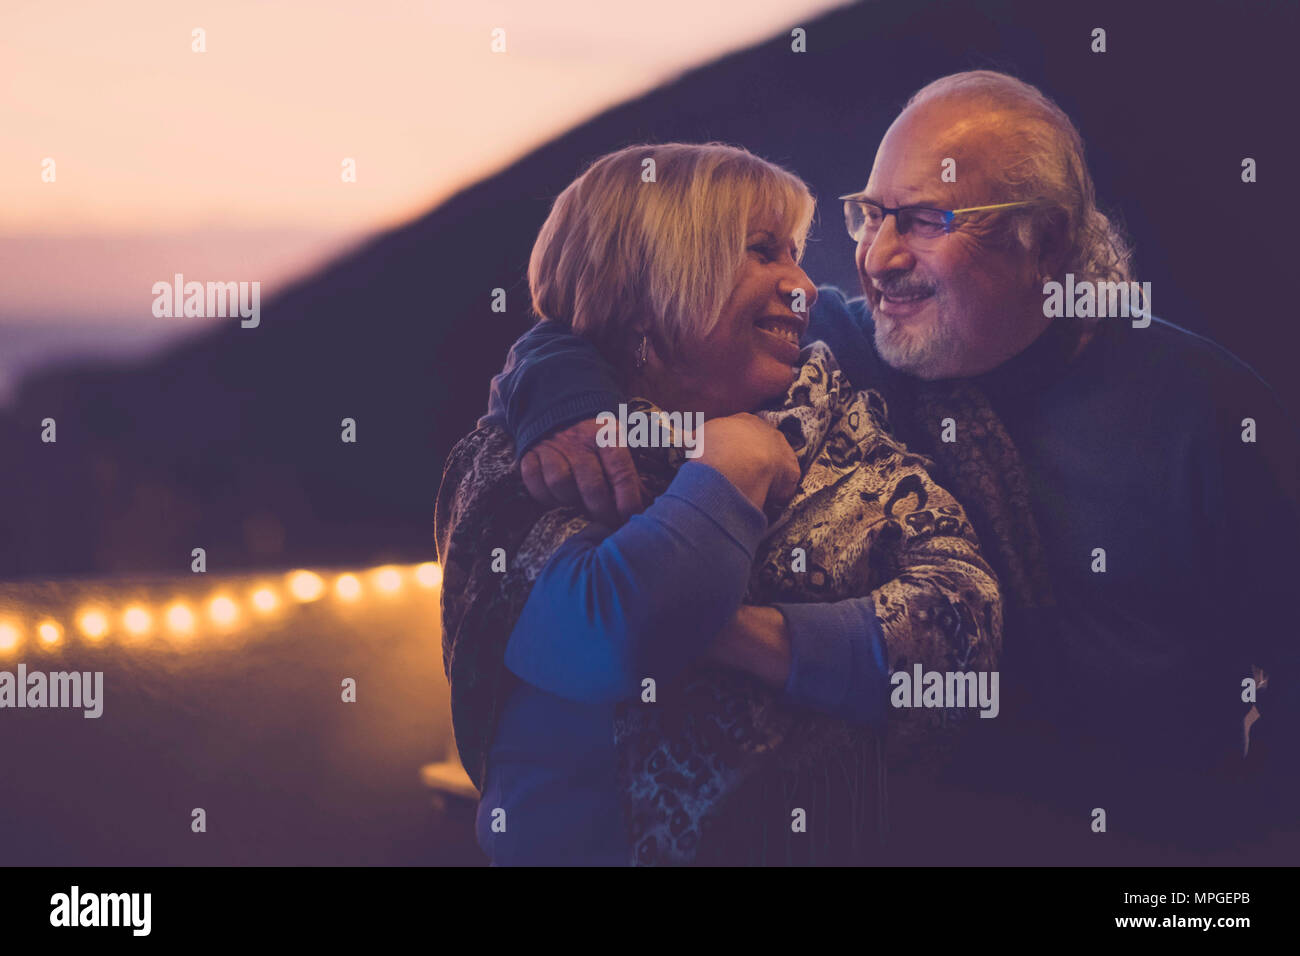 L uomo e la donna senior gentlemens invecchiati in amore abbraccio e buon divertimento sorridente sul tetto in vacanza a casa. luce notturna per atmosfera romantica scena. t Immagini Stock